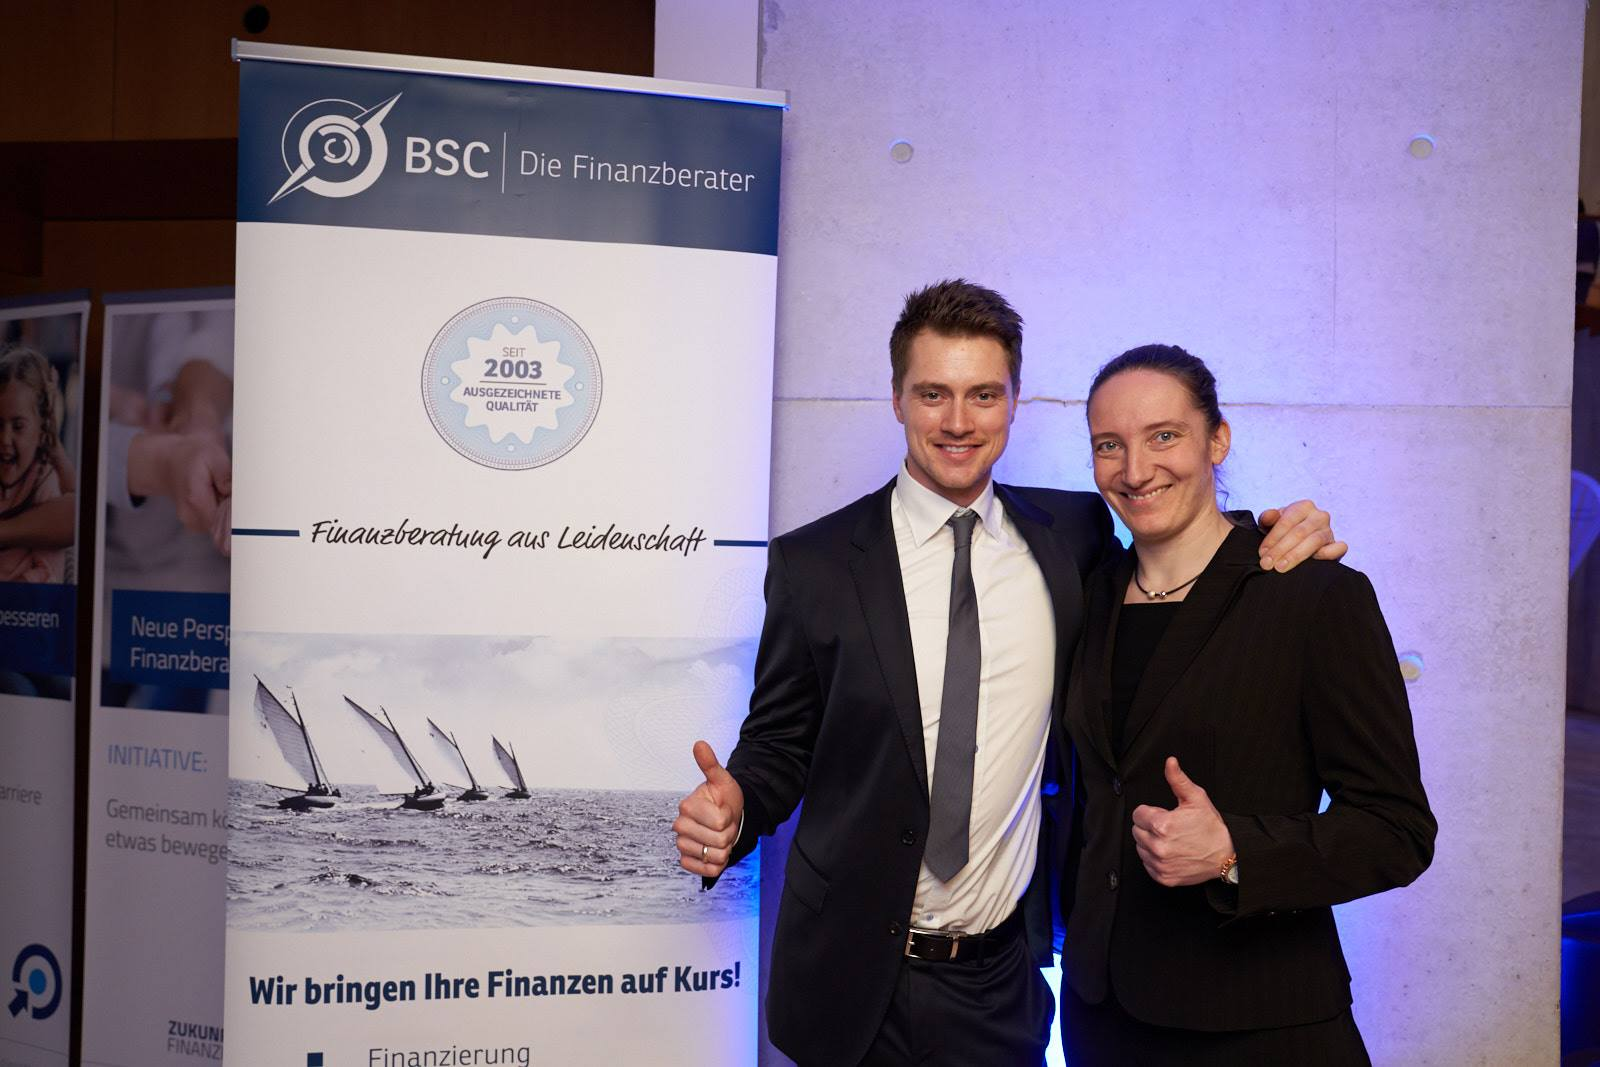 Spitzensportler erwarten Spitzenleistung! Langjährige BSC-Kunden und Olympiasieger im Rennrodeln: Johannes Ludwig und Tatjana Hüfner